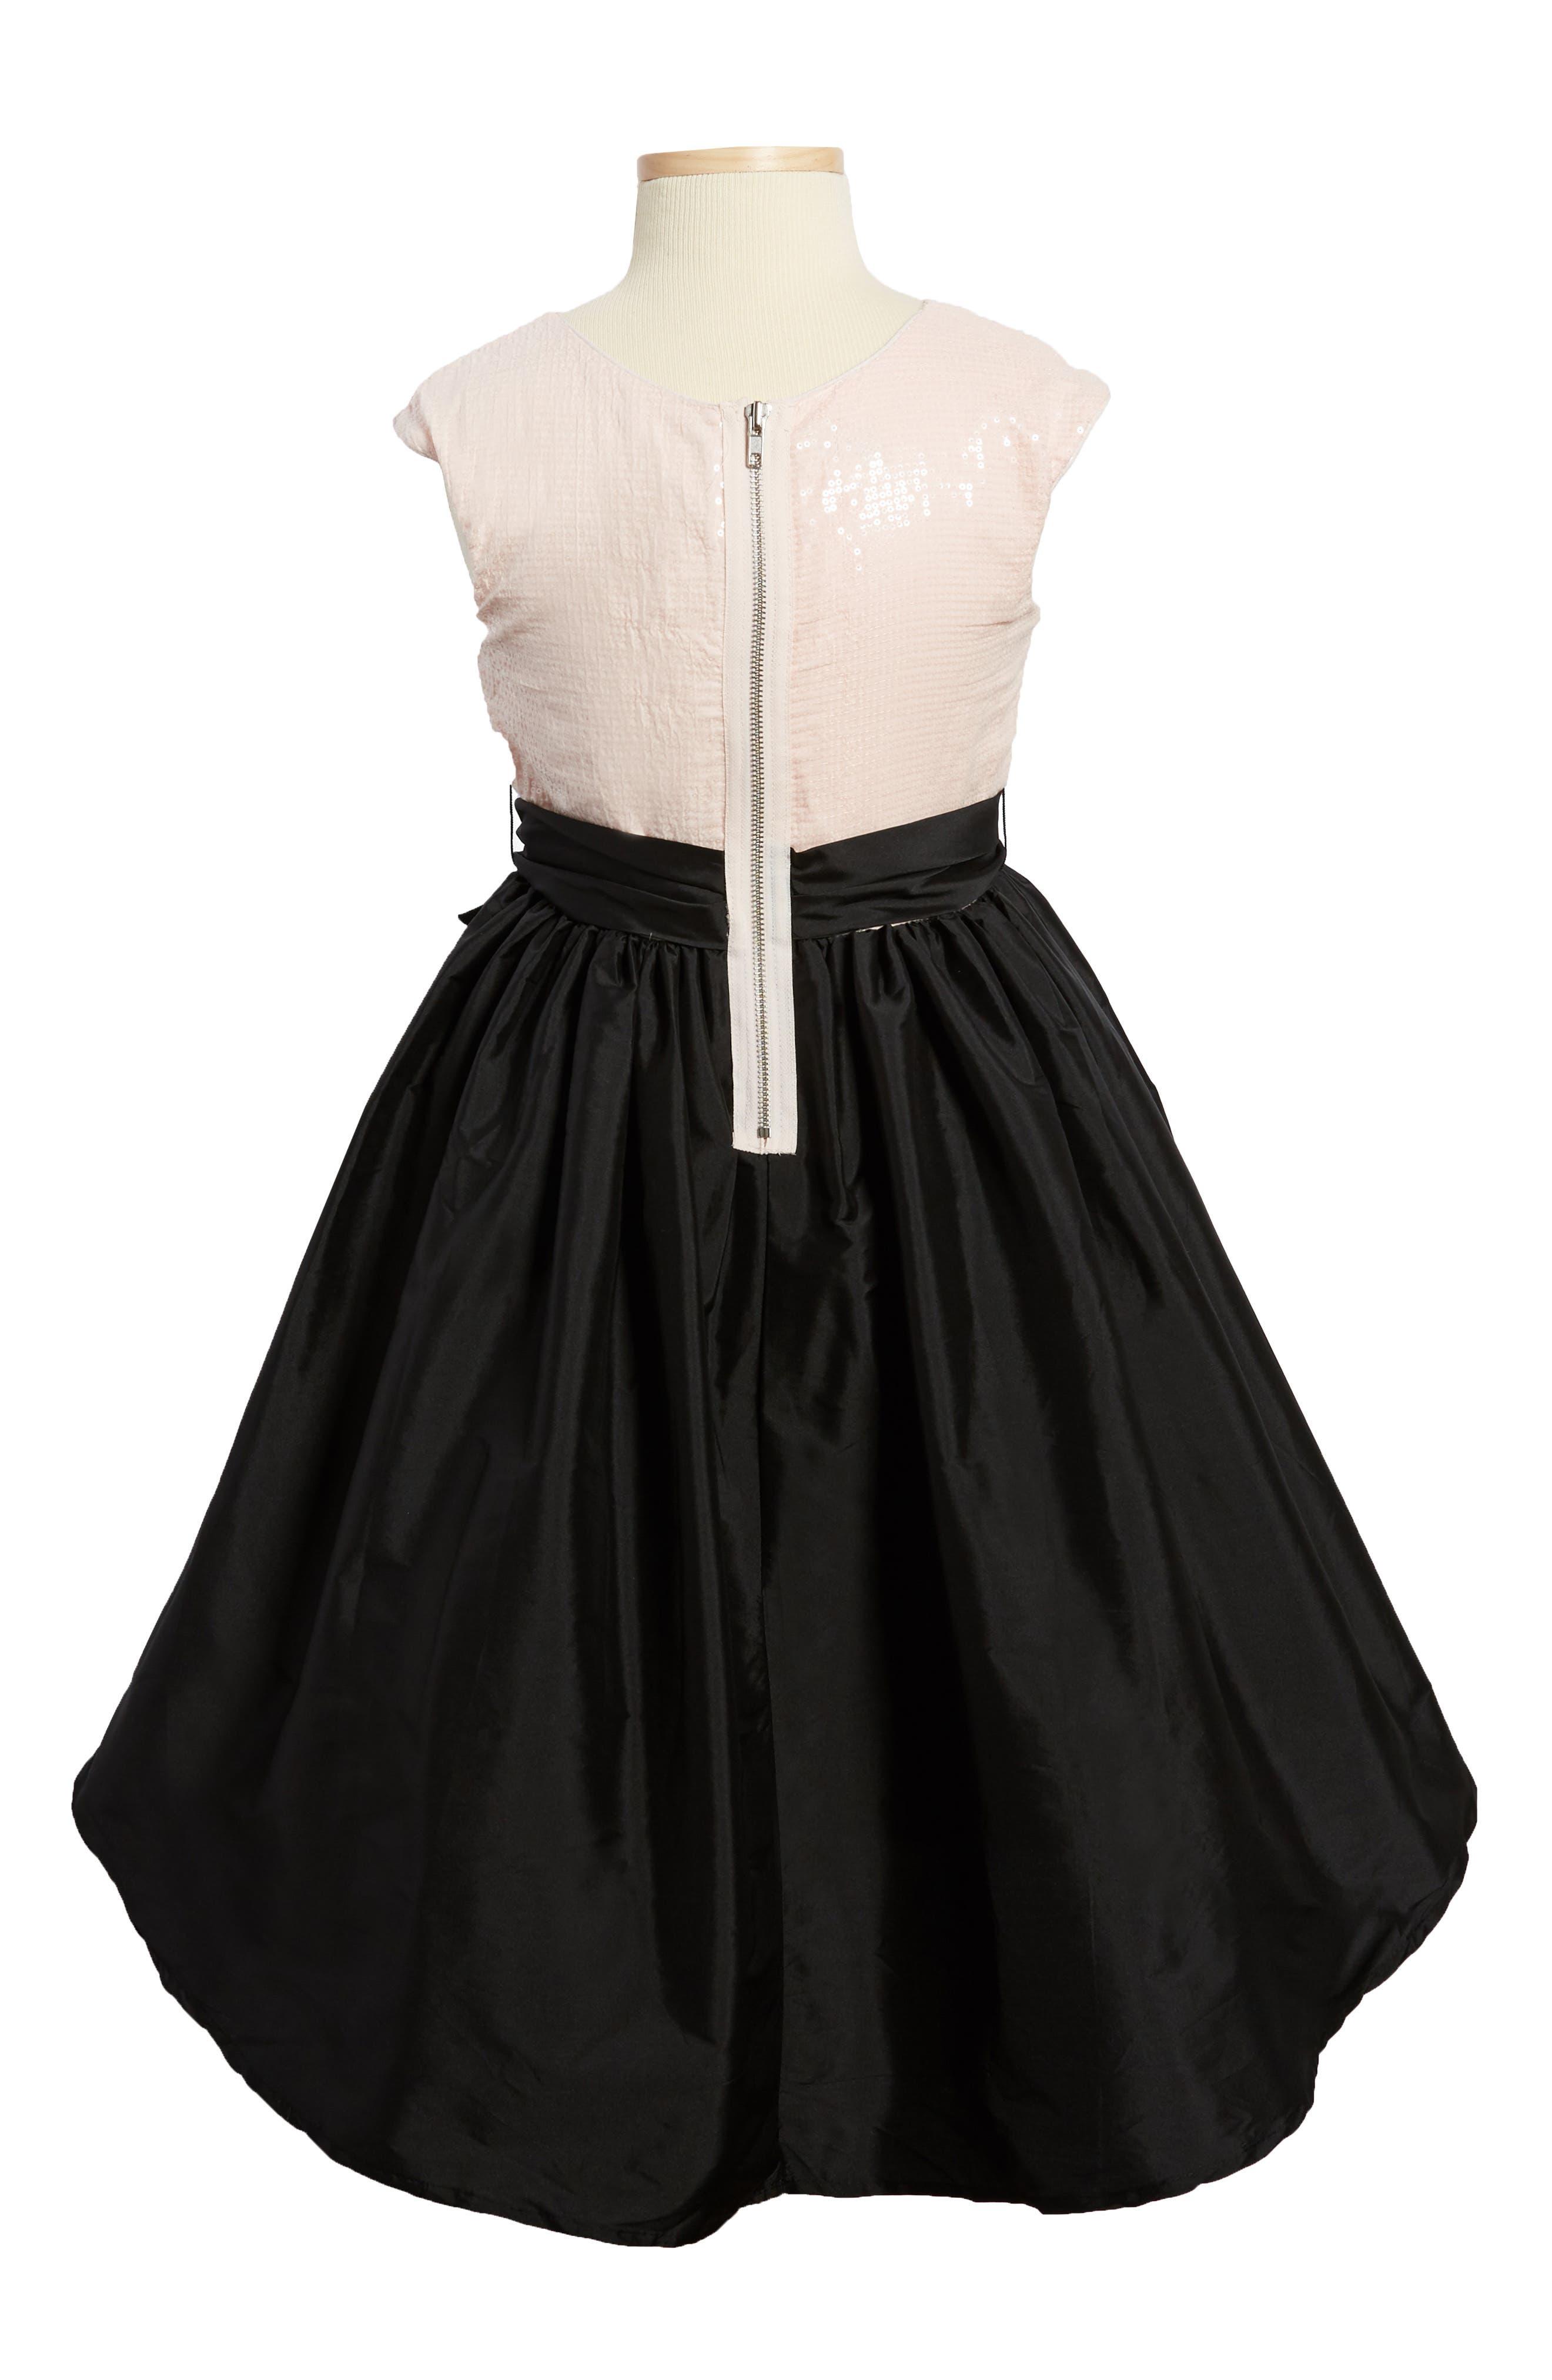 PIPPA & JULIE,                             Sequin Embellished Fit & Flare Dress,                             Alternate thumbnail 2, color,                             650